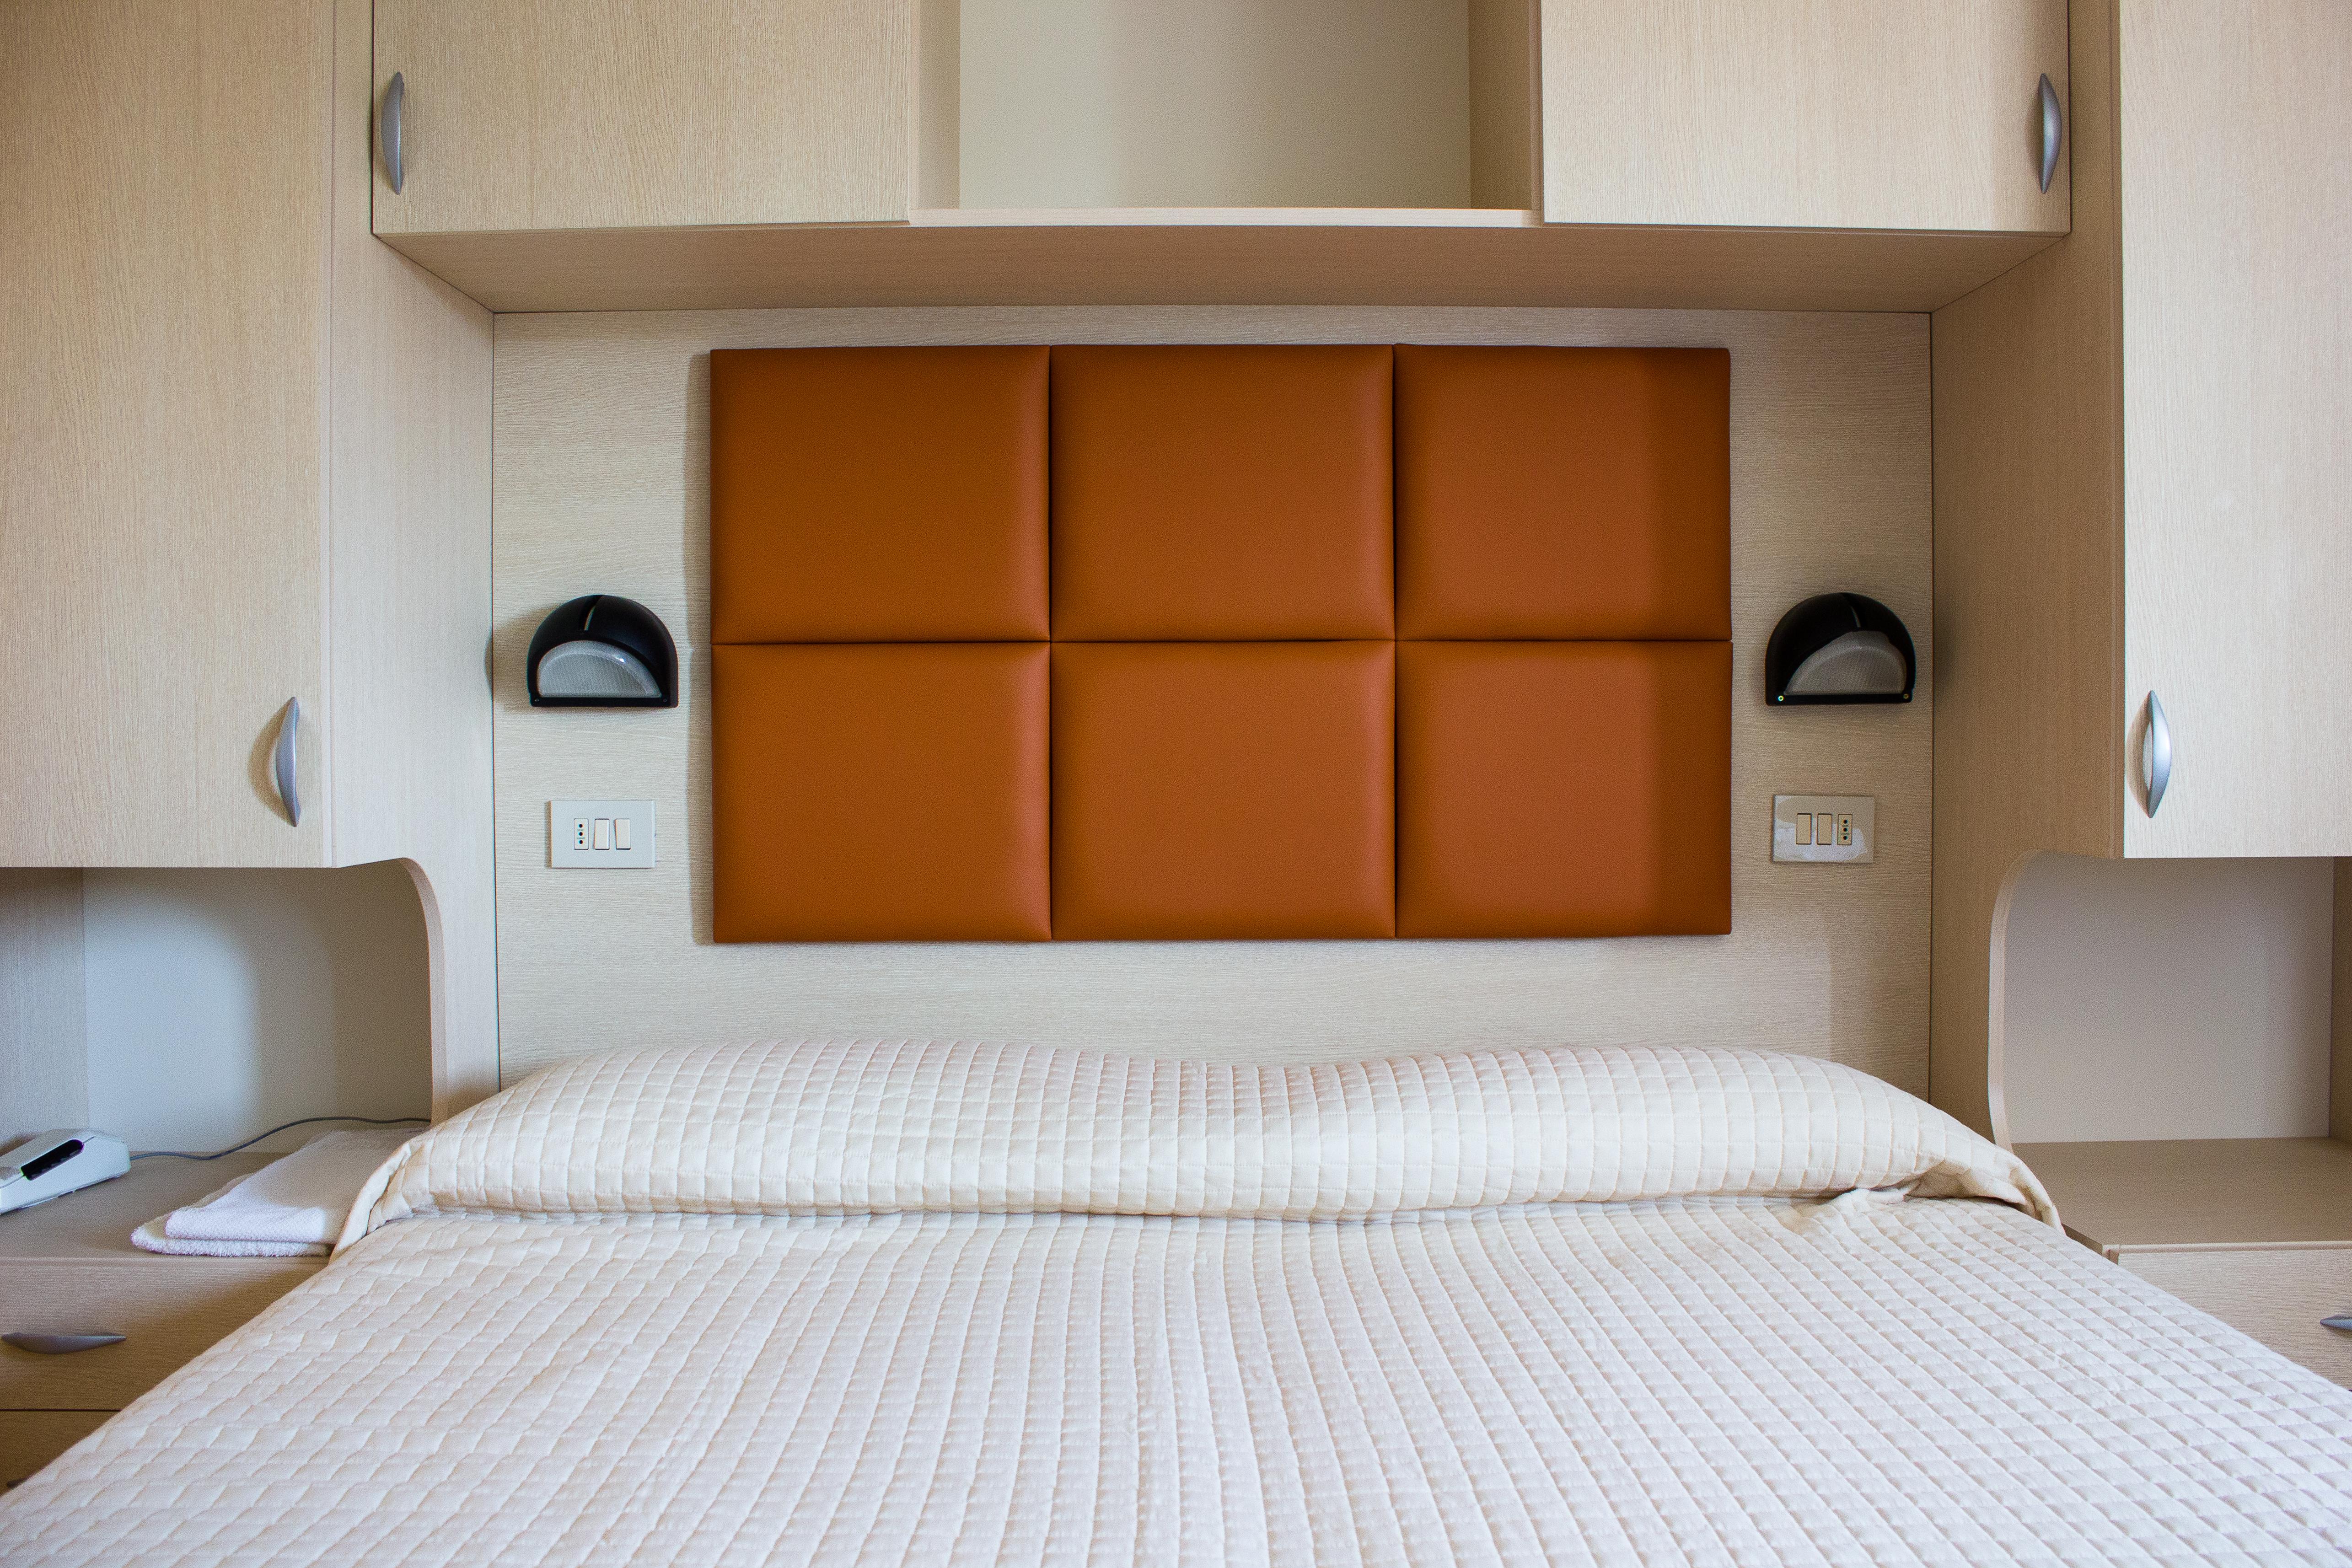 Vincitore categoria Rapporto qualità/prezzo - Hotel Stresa